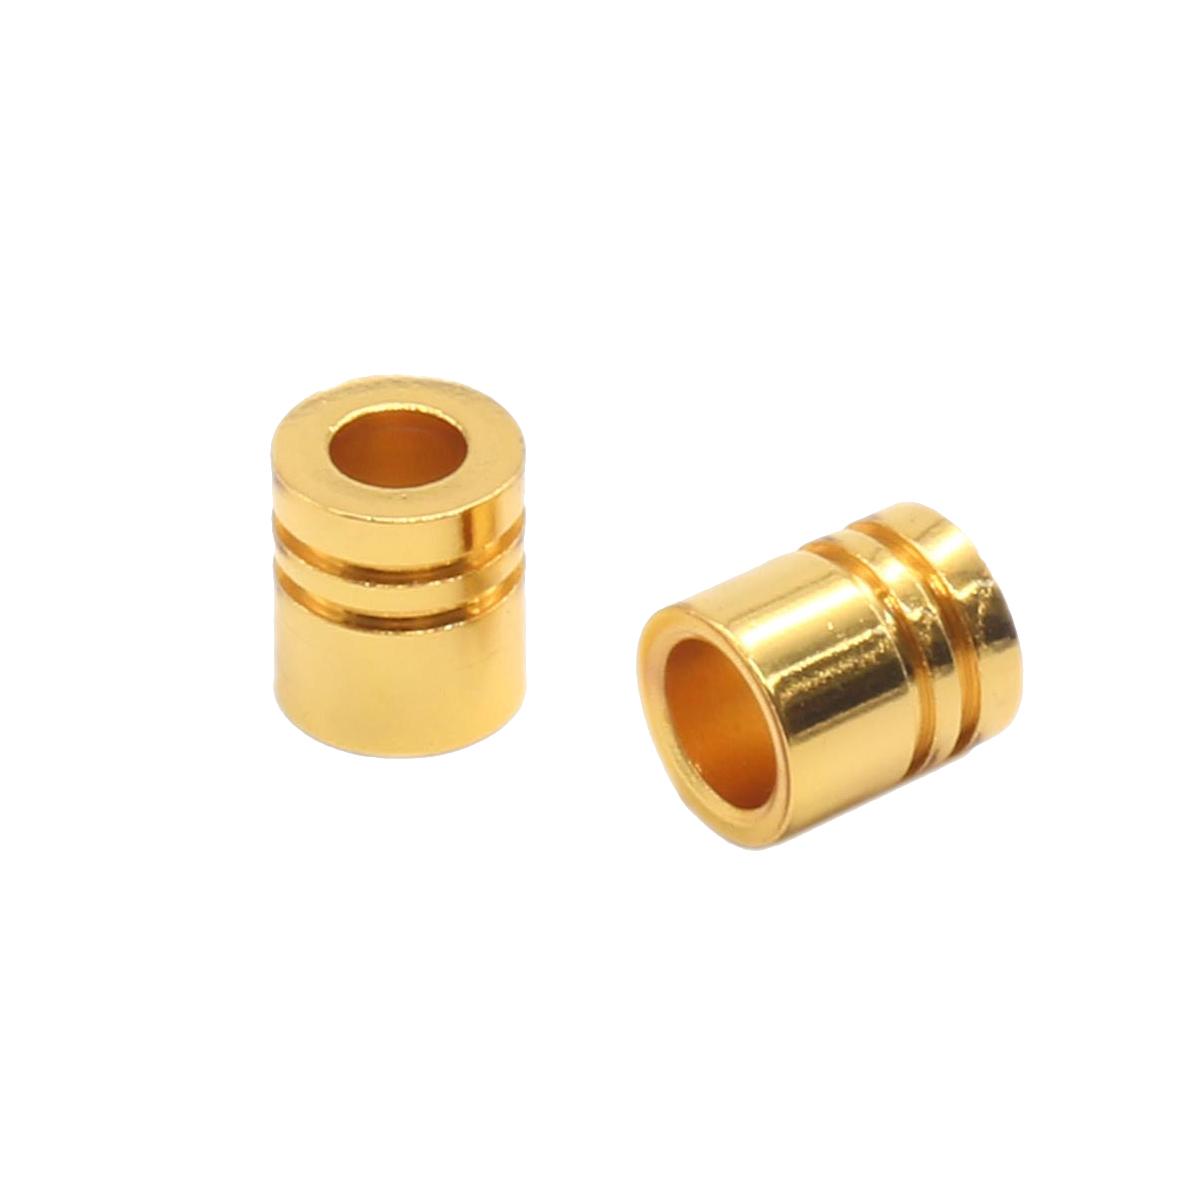 A3775 Наконечник 'Цилиндр' d=3/5мм, 8*7мм, металл (золото) фото